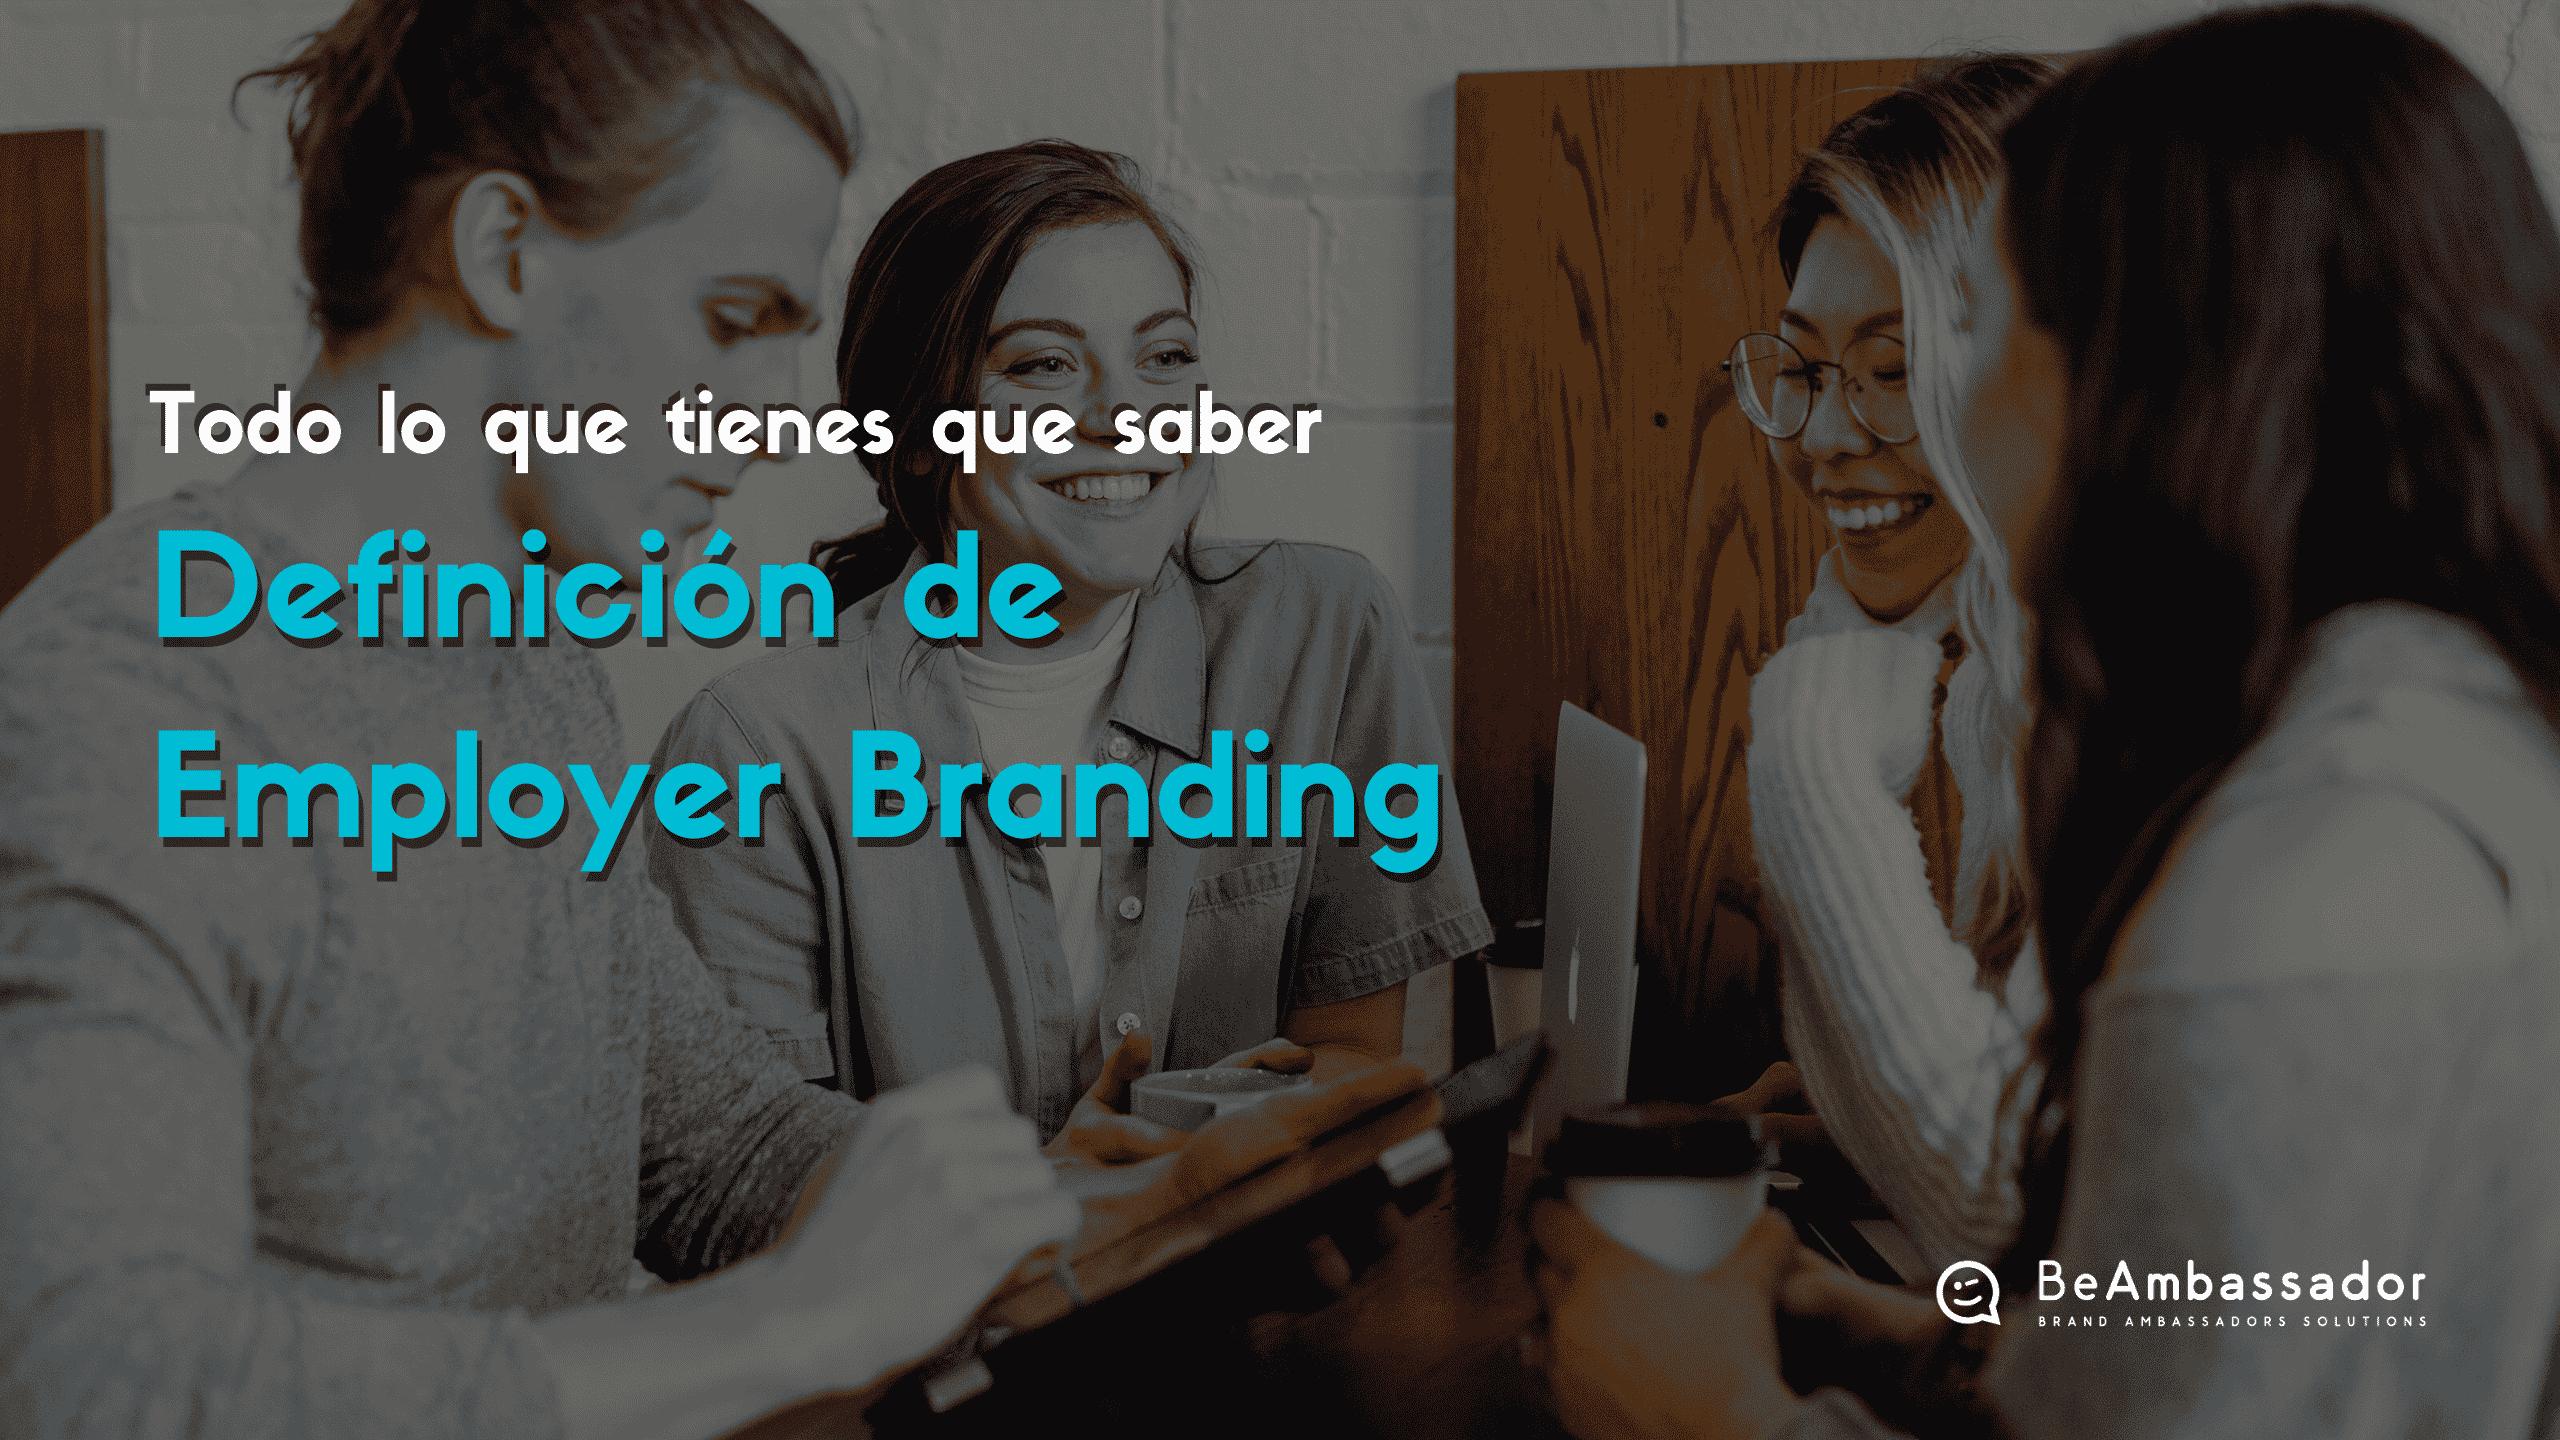 Definición de Employer Branding